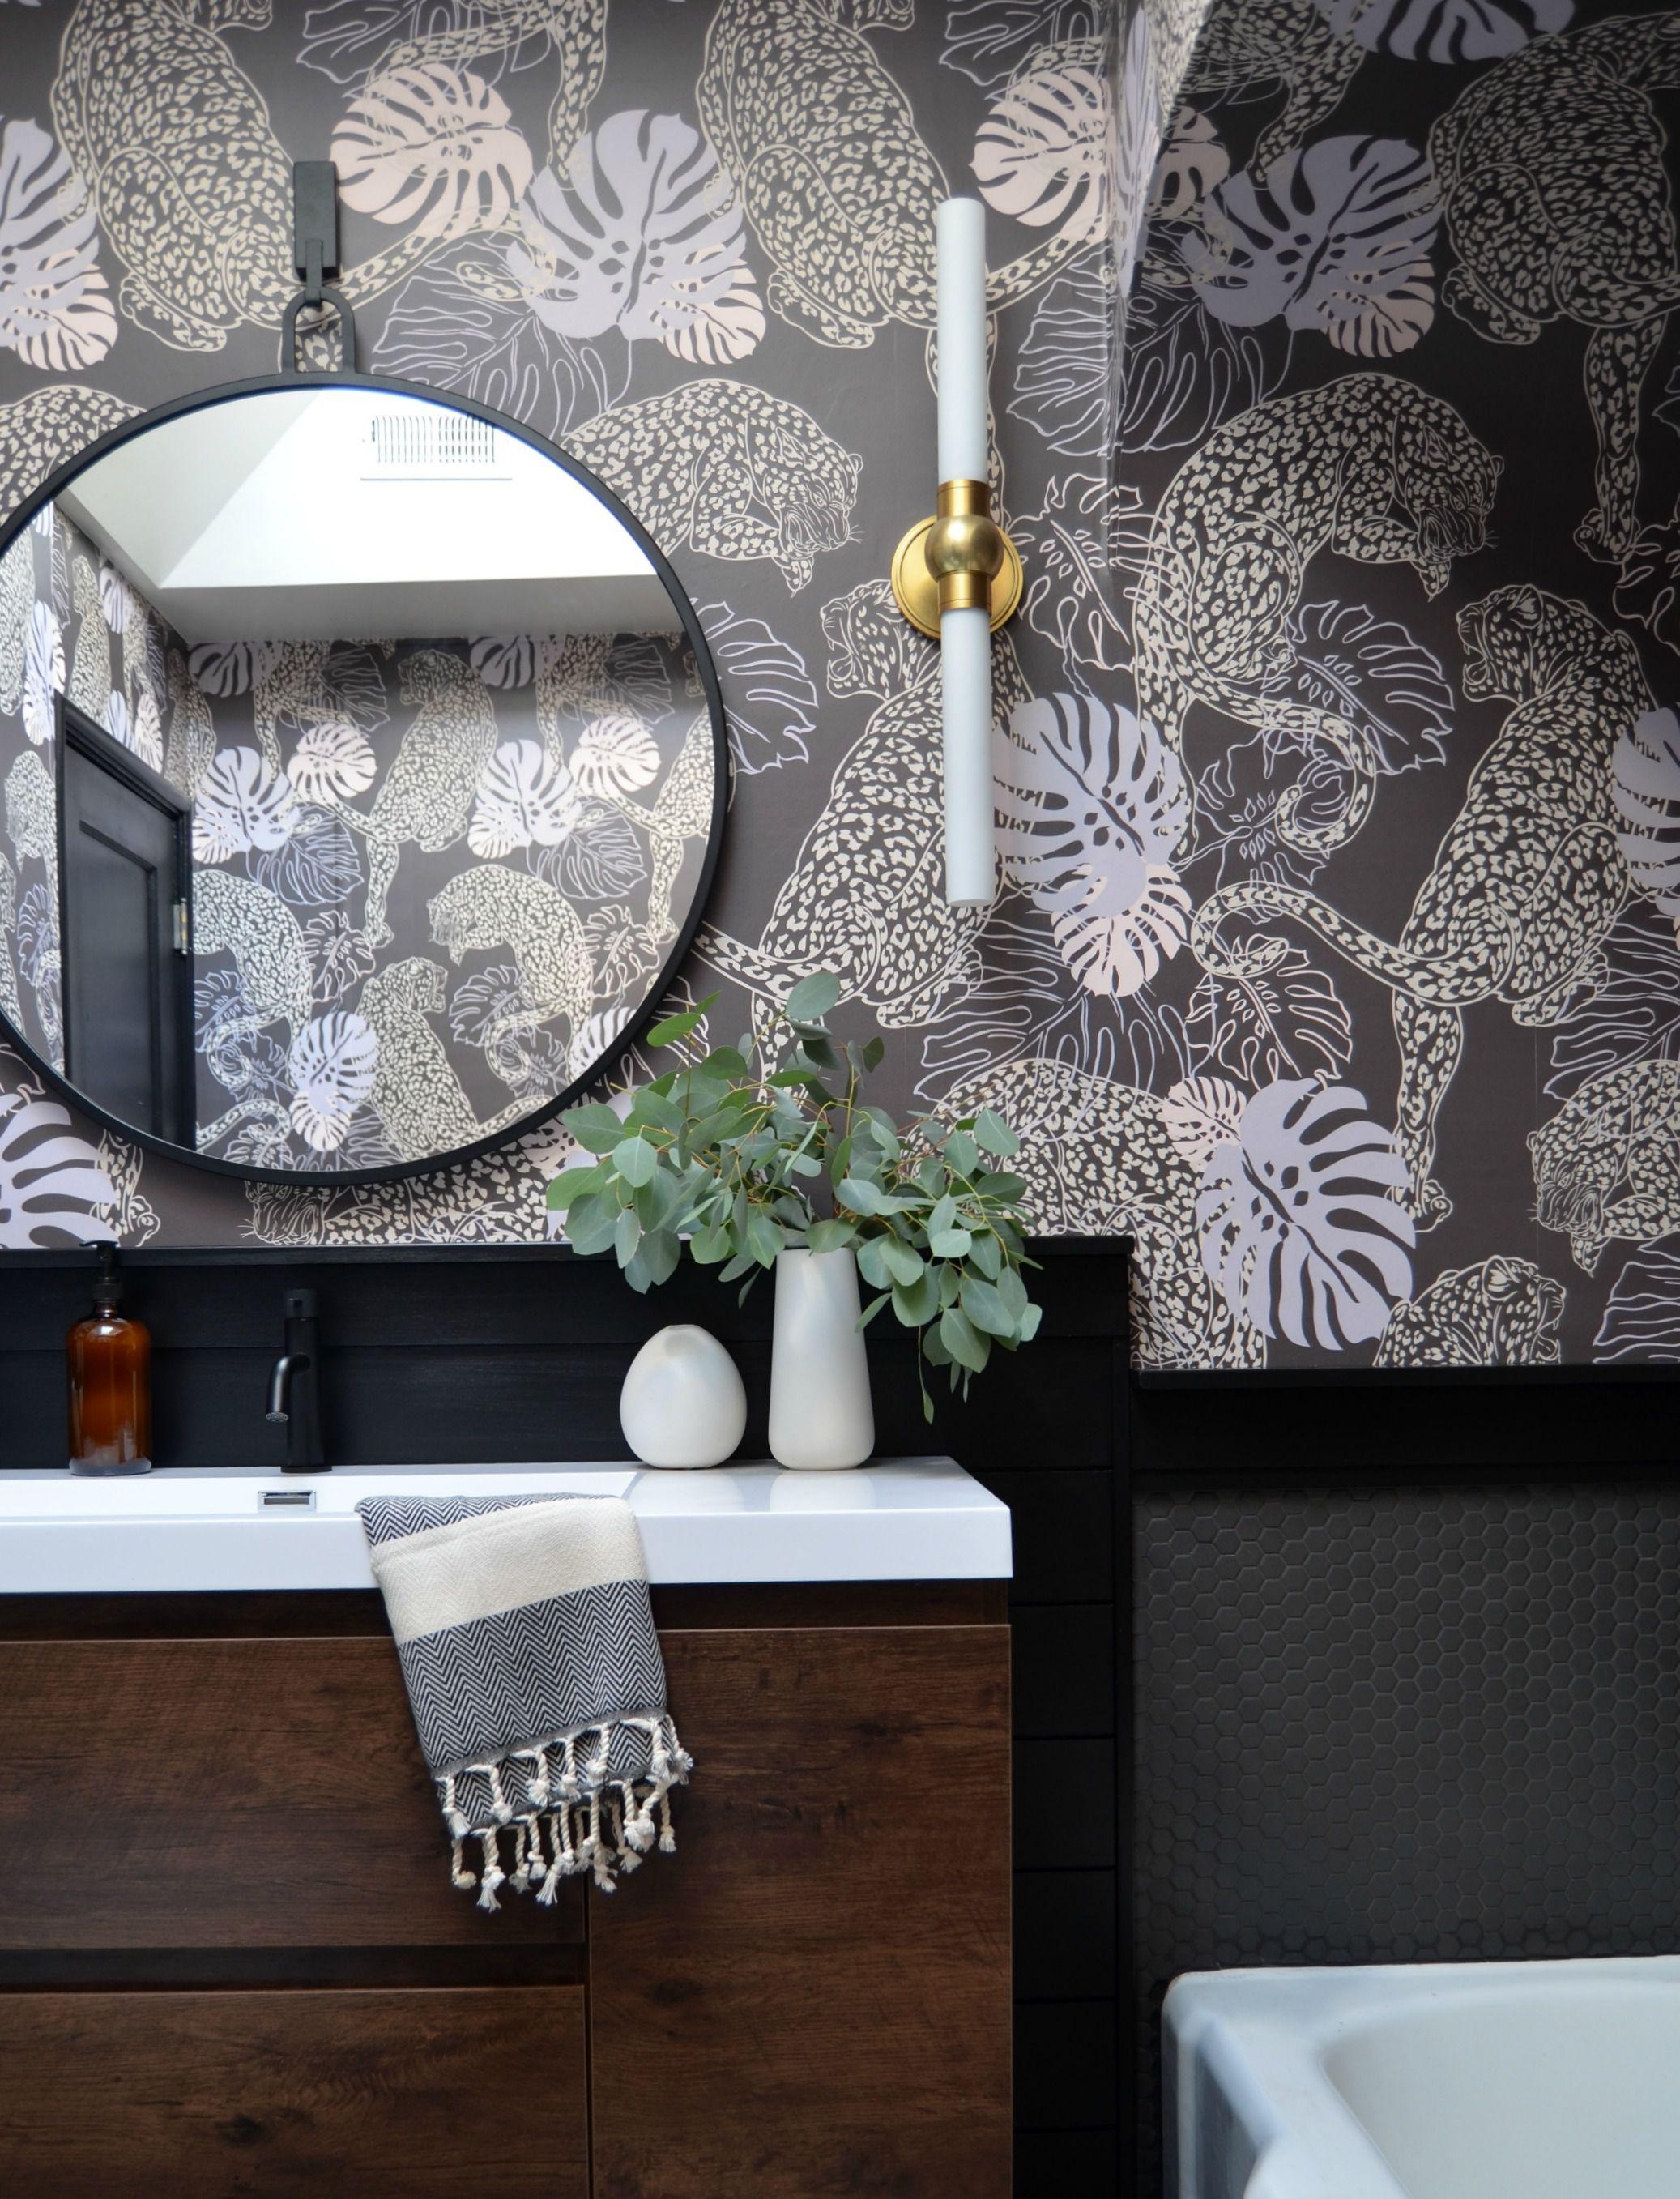 Leopard Stunning Art Deco Inspired Wallpaper Milton King Uk